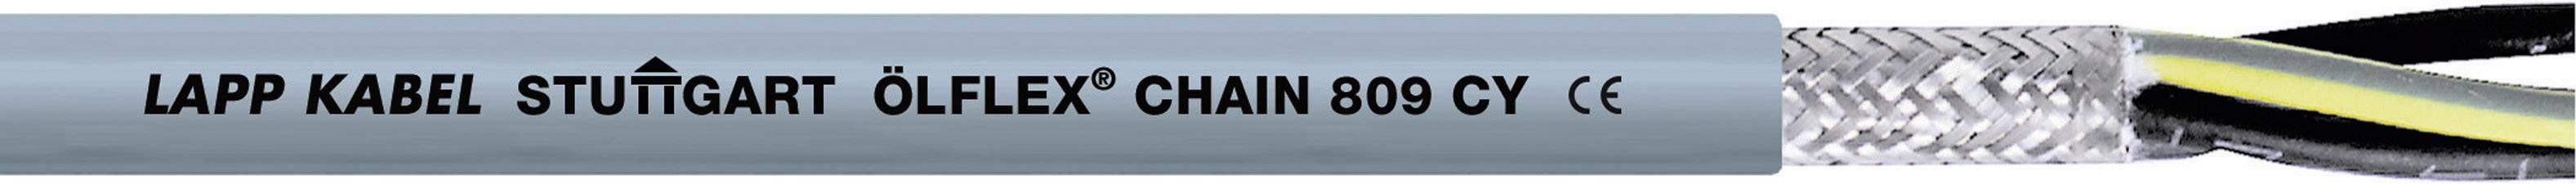 Žíla kabelu LappKabel ÖLFLEX CHAIN 809 CY 2X0,5 (1026751), 2x 0,5 mm², PVC, Ø 5,8 mm, stíněný, 50 m, šedá